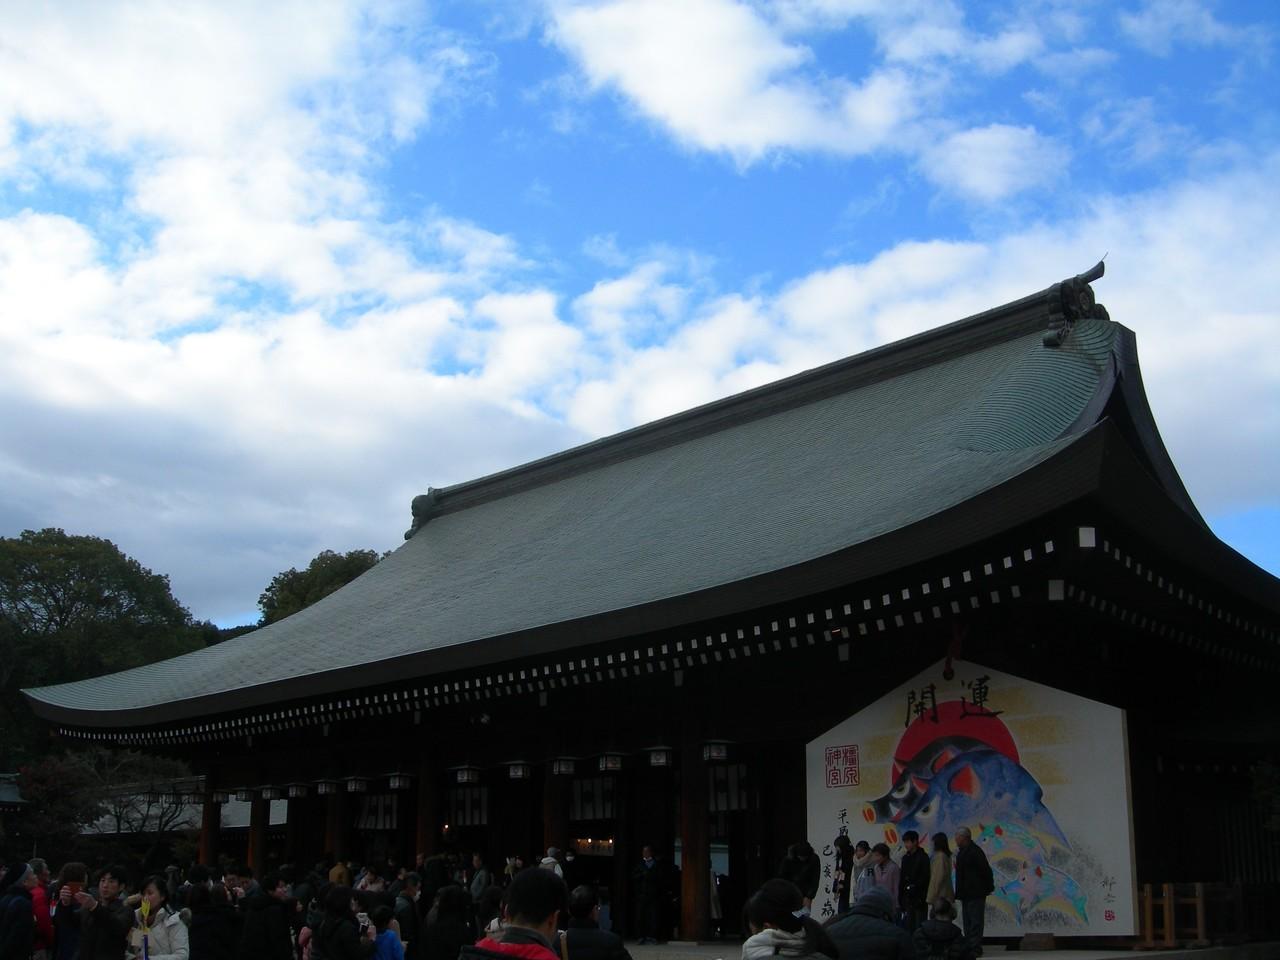 1月3日。奈良・橿原神宮(かしはらじんぐう)に初詣に行ってきました。神武天皇が即位された地であり、「日本はじまりの地」とも言われています。って、テレビで林先生が言ってました。笑